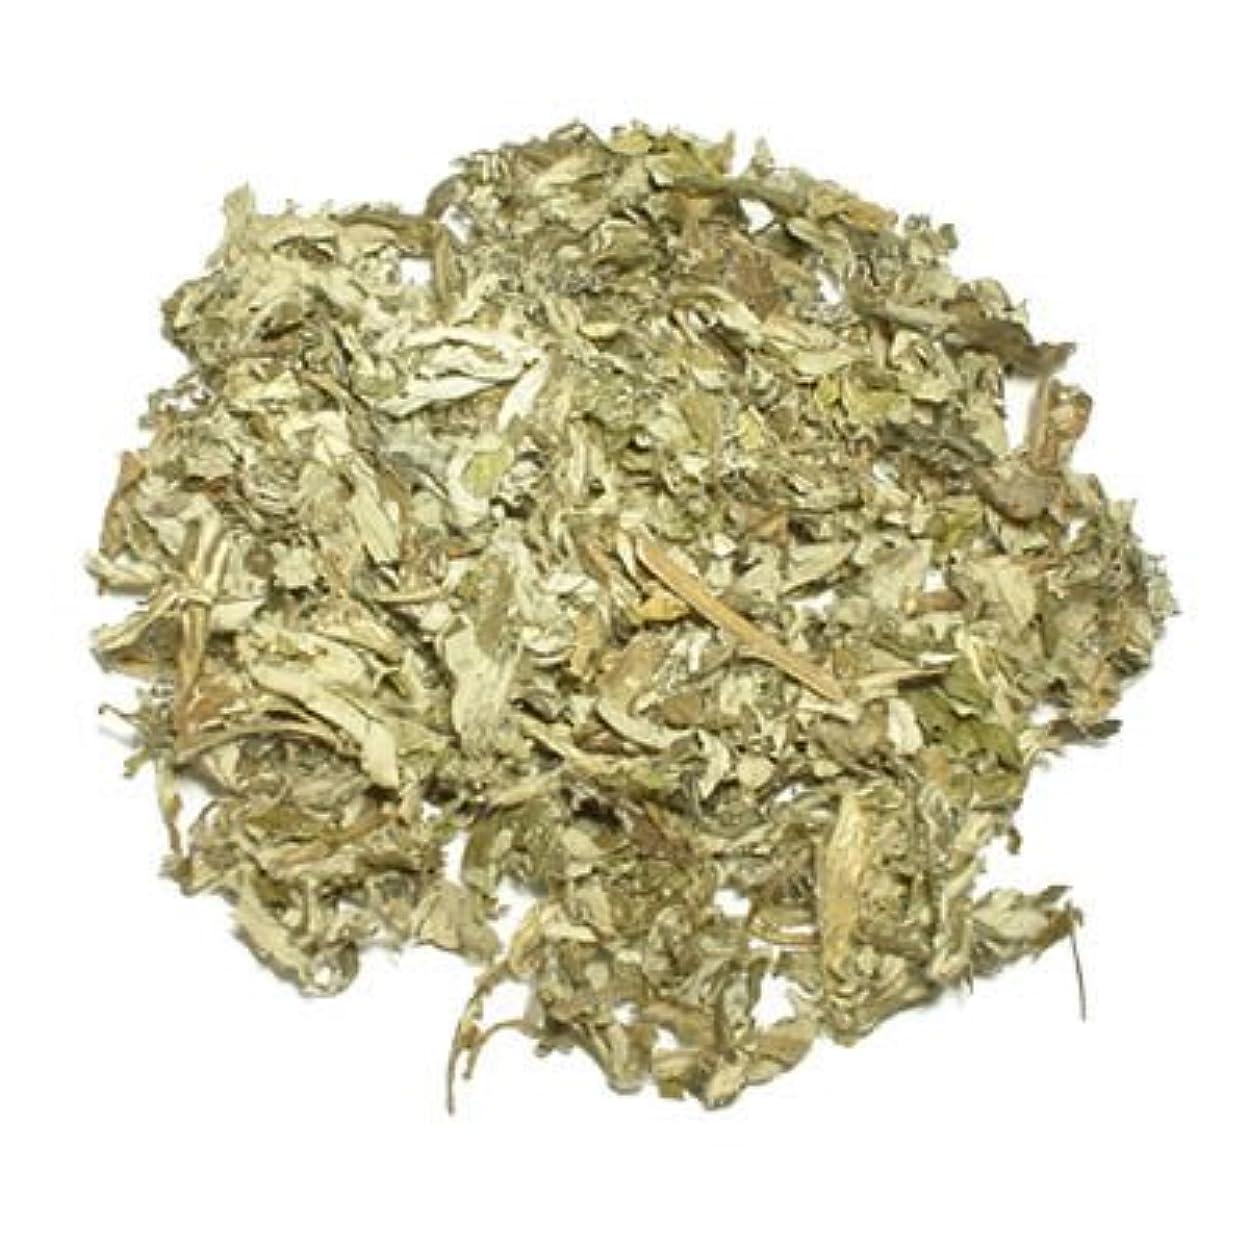 十一カリング全国ヨモギ業務用 500g 蓬茶 本場韓国産ヨモギ 葉(地上部 主に葉)100% 乾燥よもぎ茶 よもぎ風呂 ヨモギ蒸し